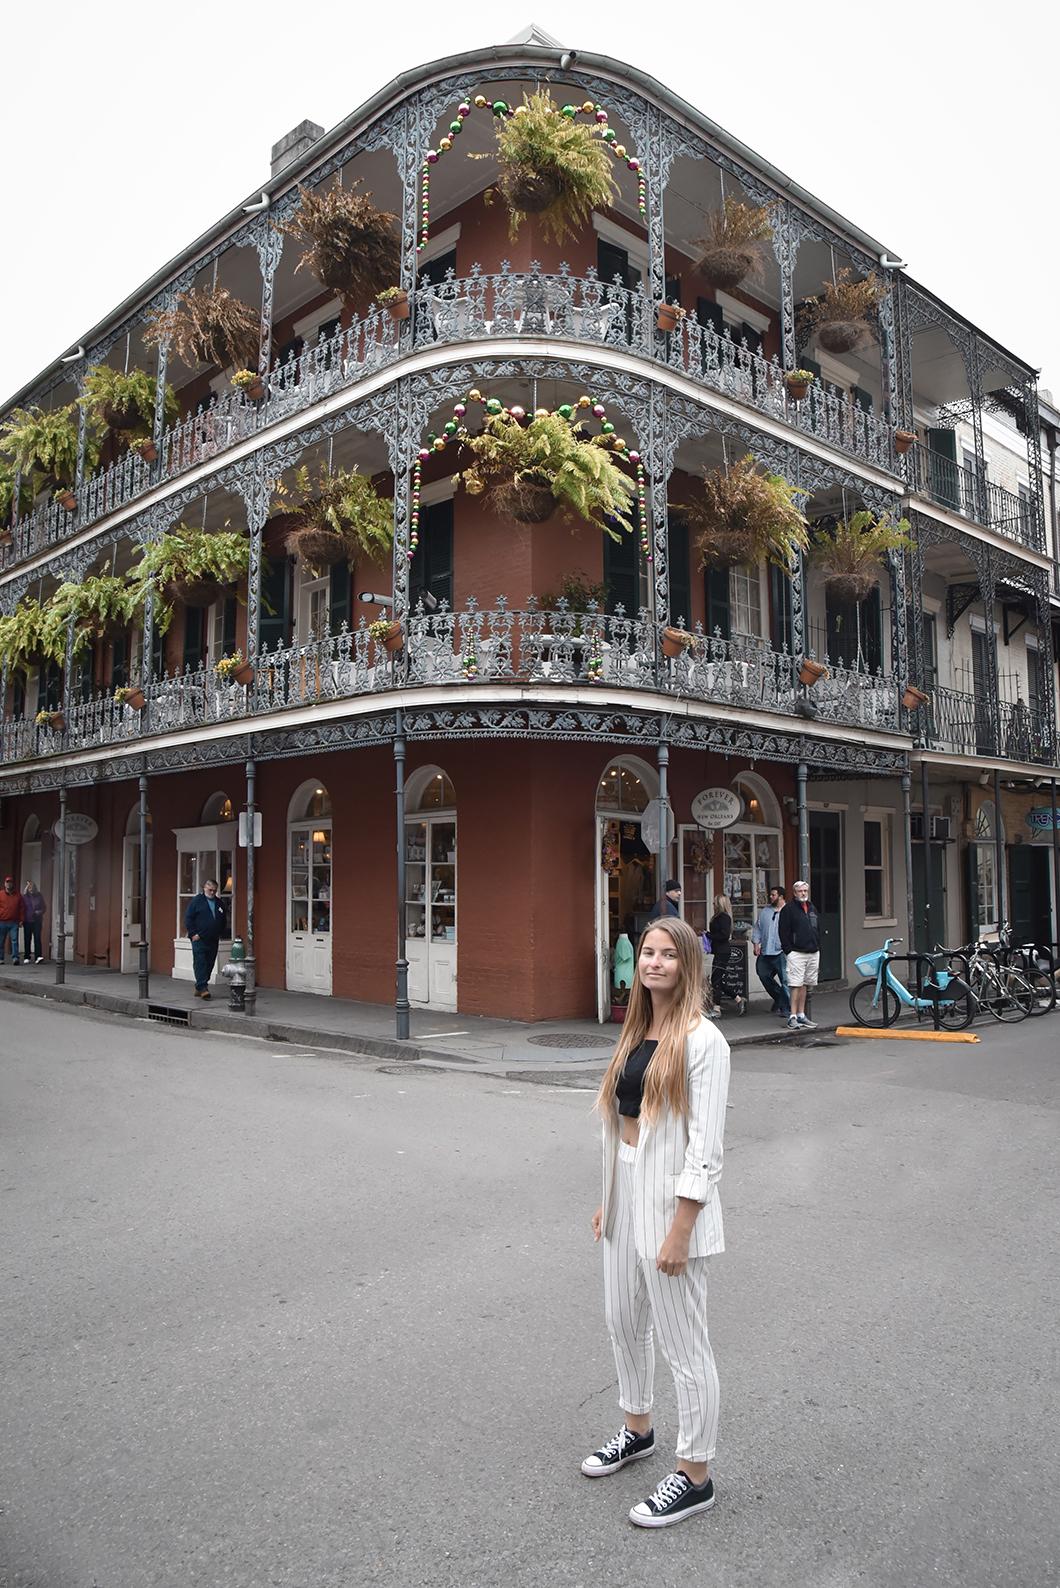 Vieux Carré, spot à la Nouvelle Orléans